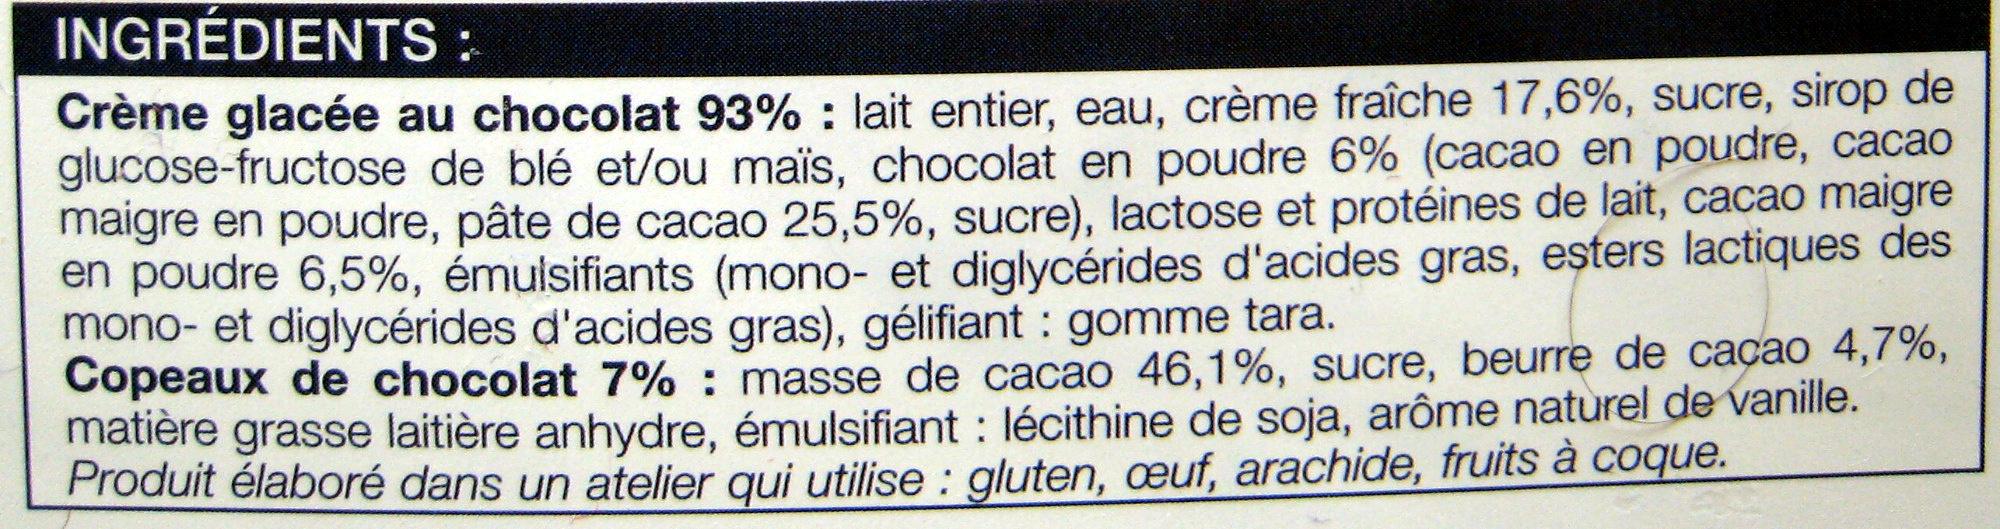 Crème glacée Chocolat avec copeaux de chocolat Picard - Ingrédients